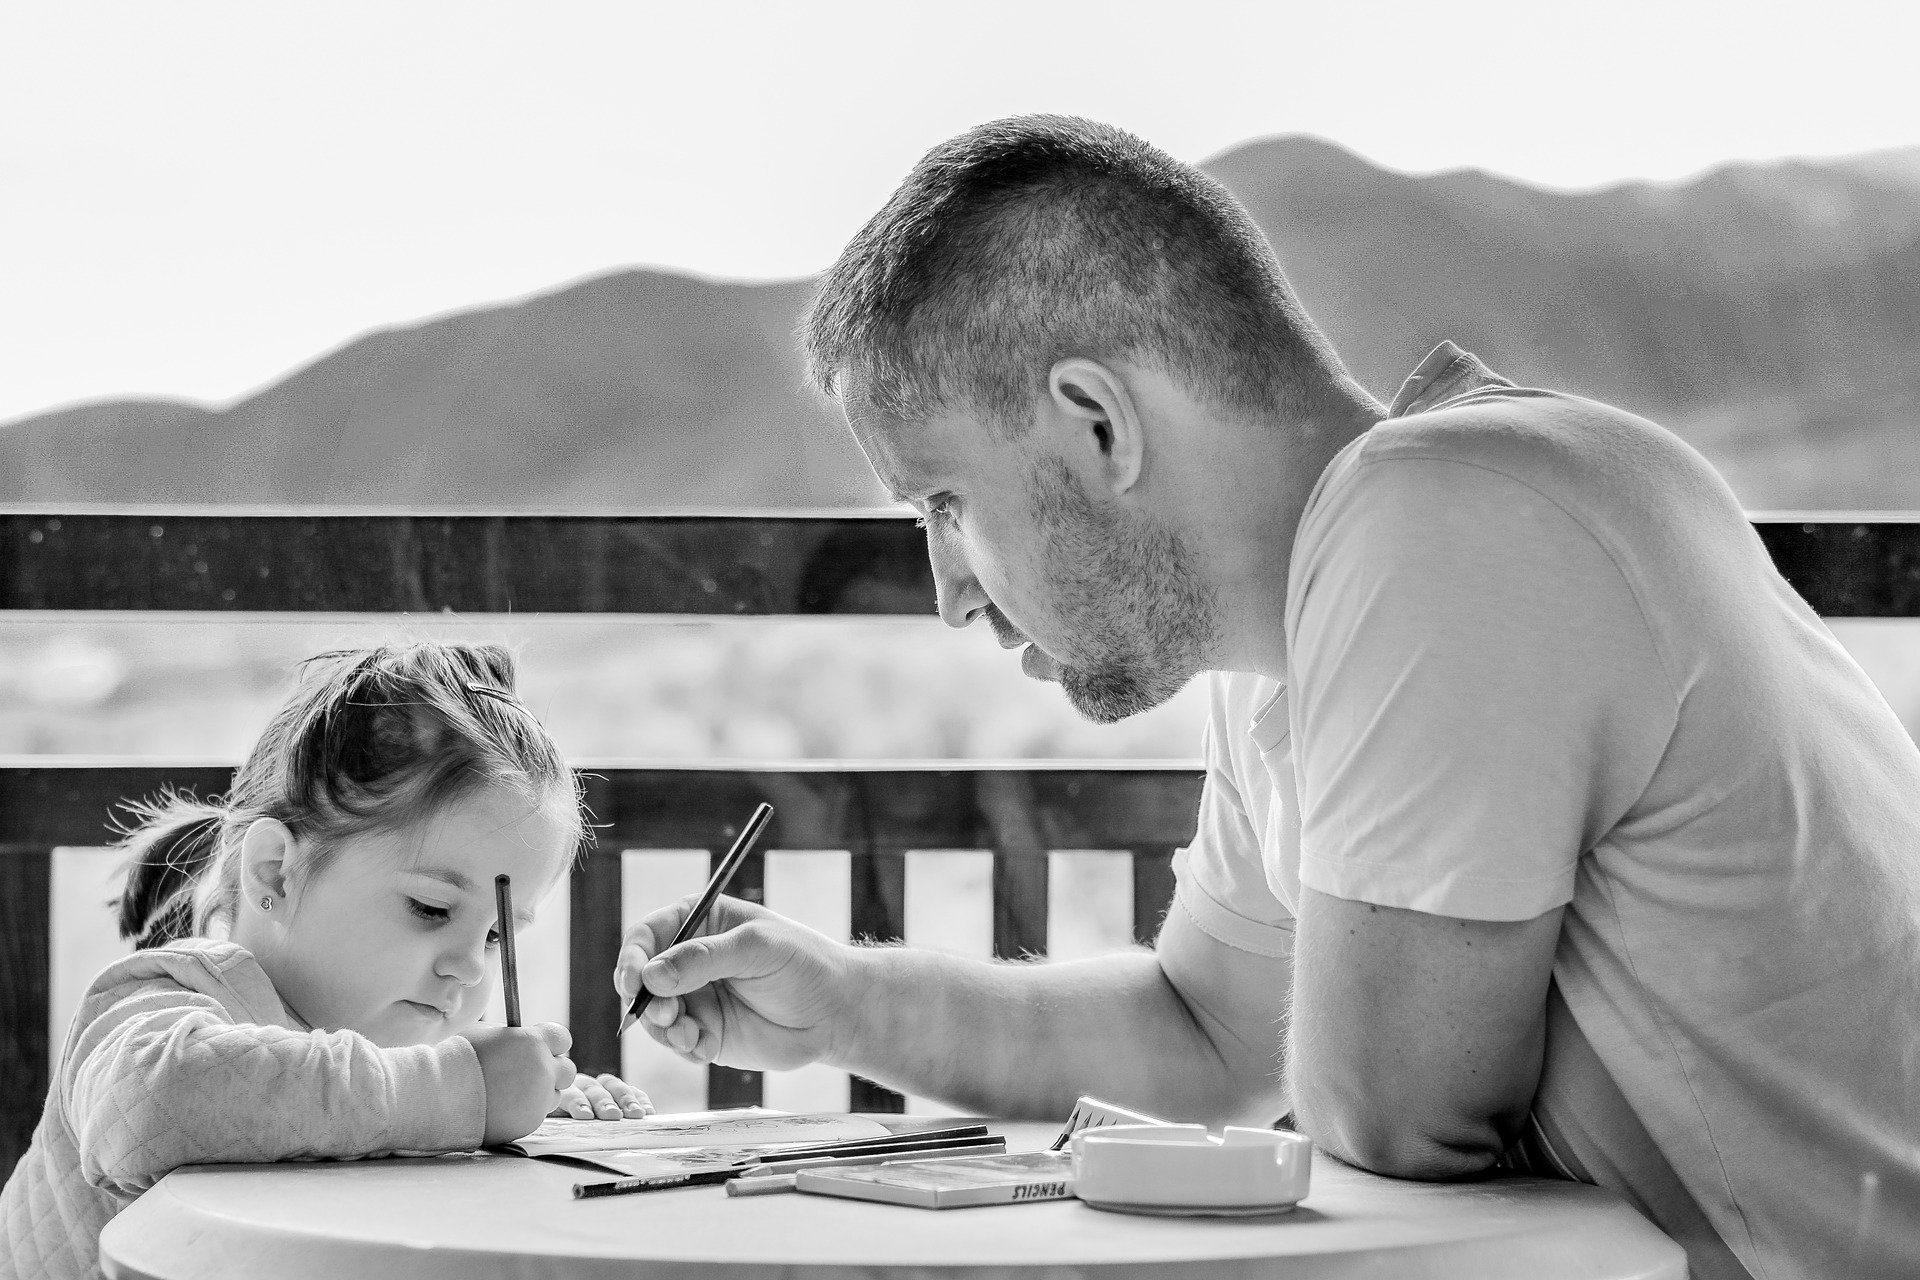 Jak už bylo zmíněno v minulém článku, není nic nového, že děti někdy mívají ve škole problémy se čtením, psaním, učením gramatiky, počítáním a podobně. U některých dětí se problémy […]